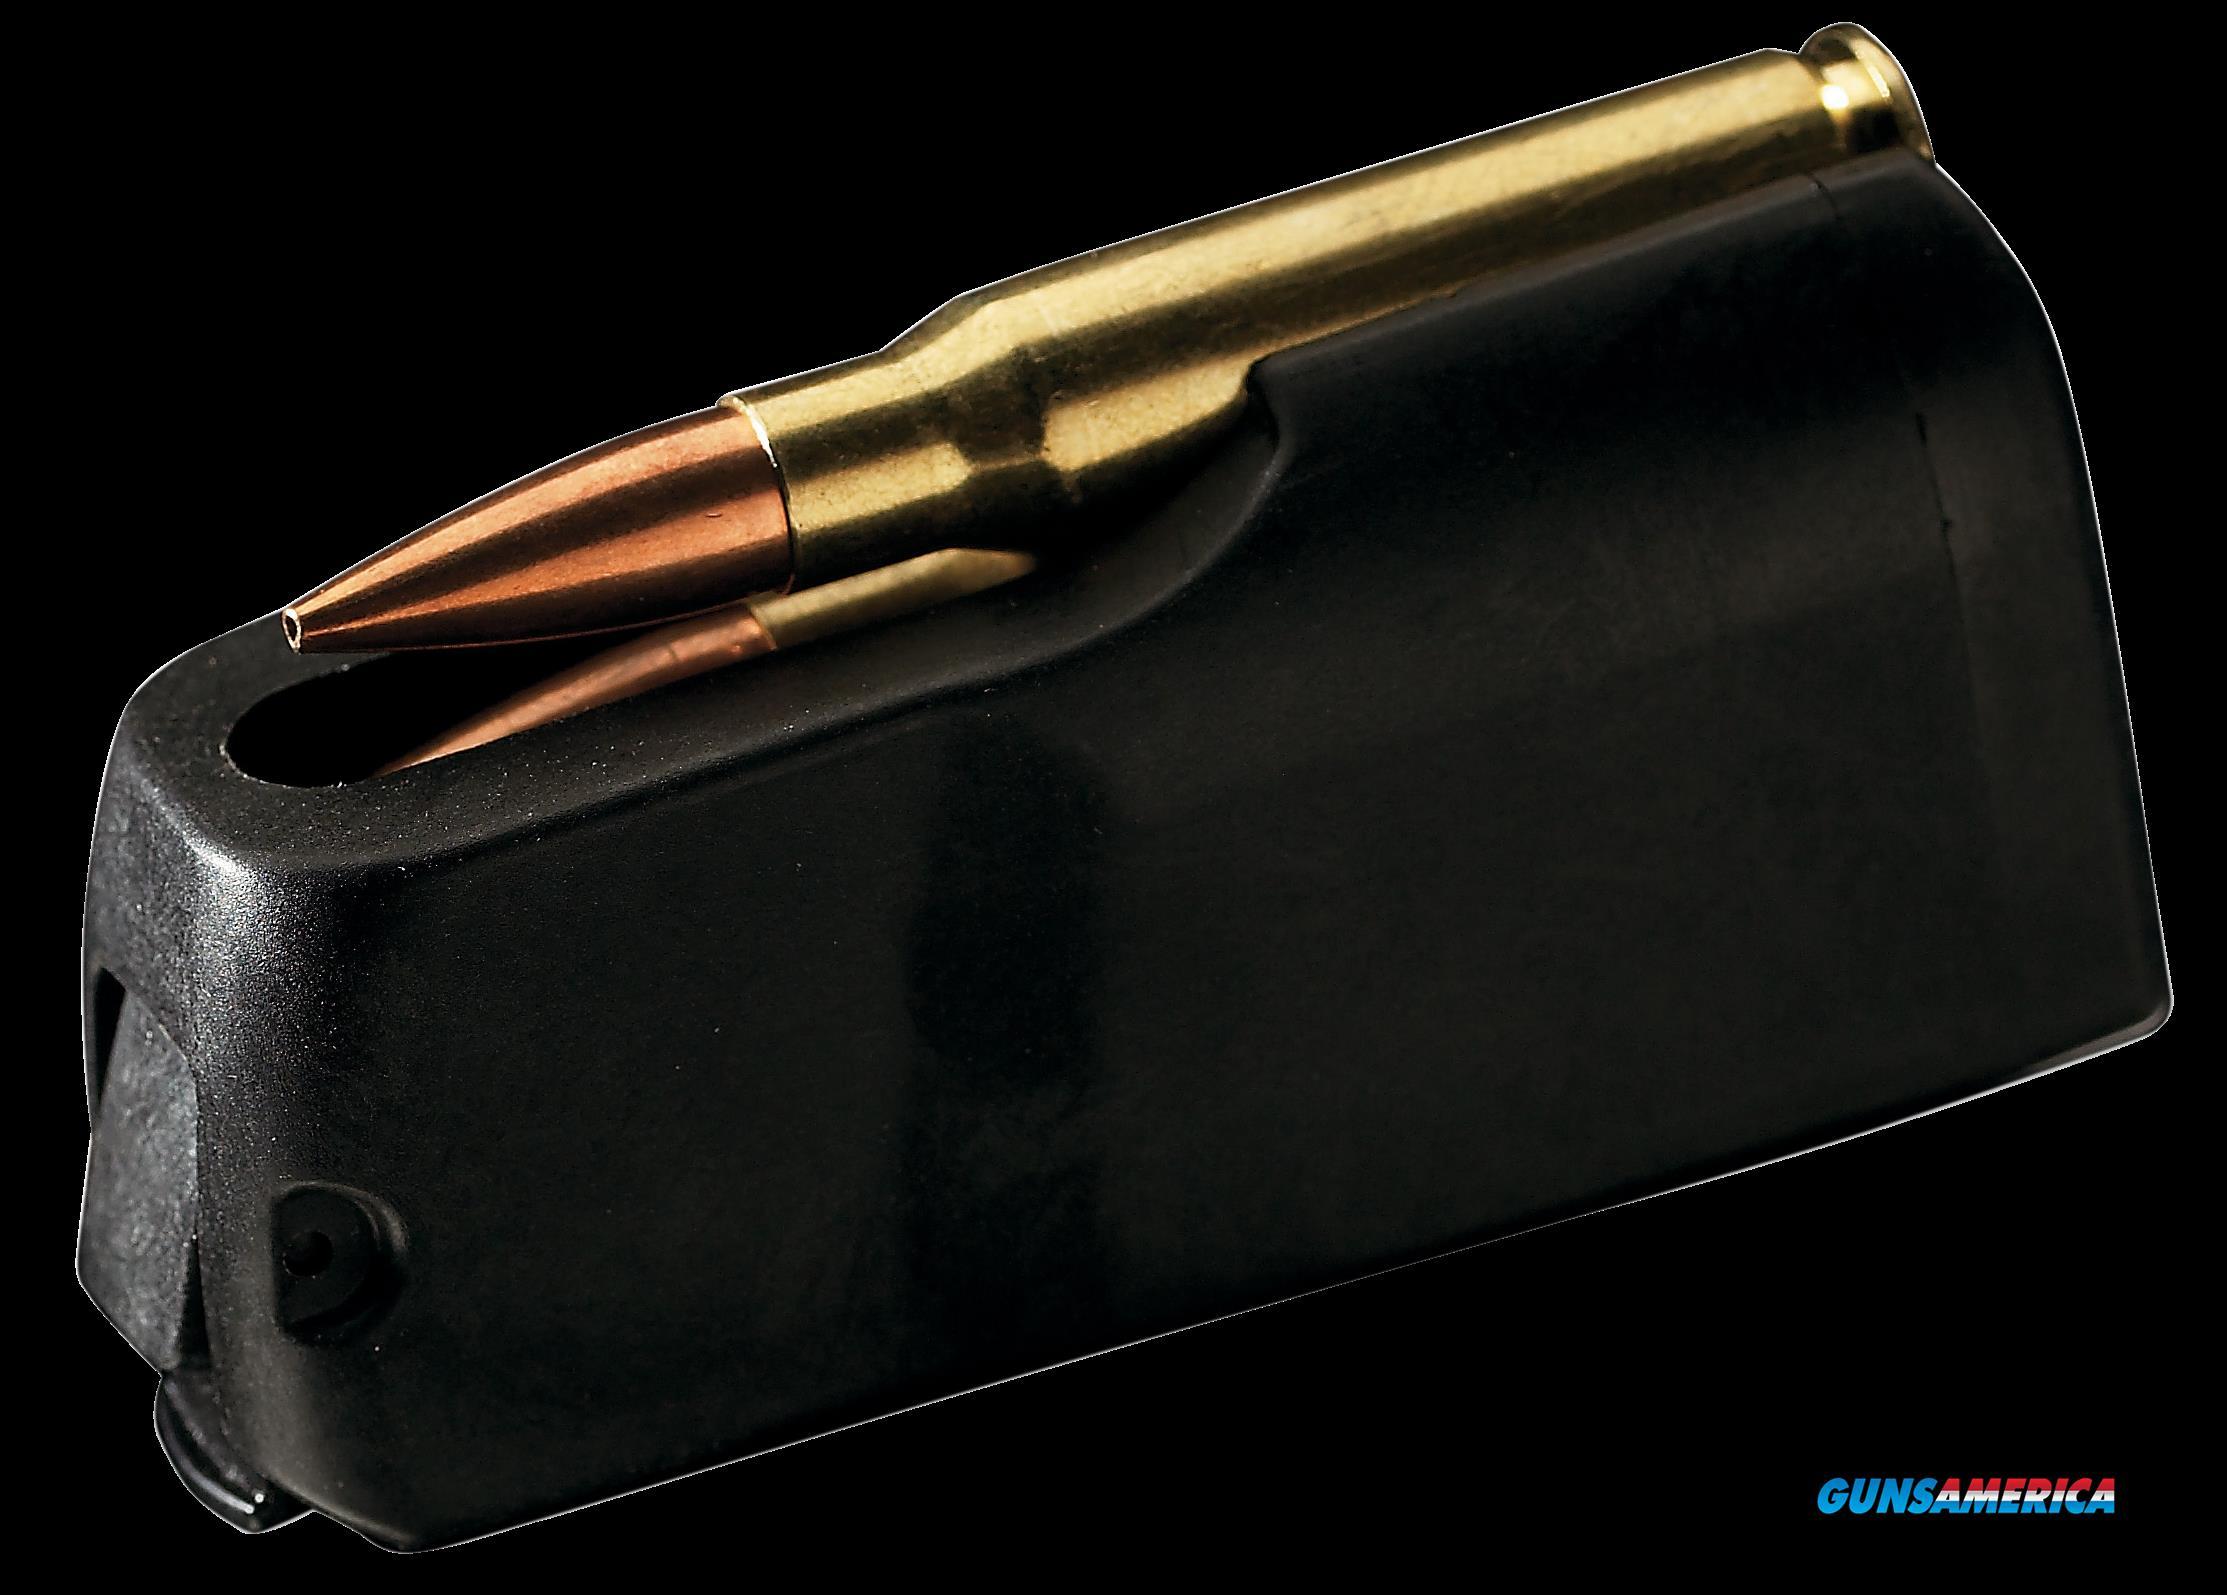 Browning X-bolt, Brn 112-044008 Mag Xblt 223   Ssa  Guns > Pistols > 1911 Pistol Copies (non-Colt)